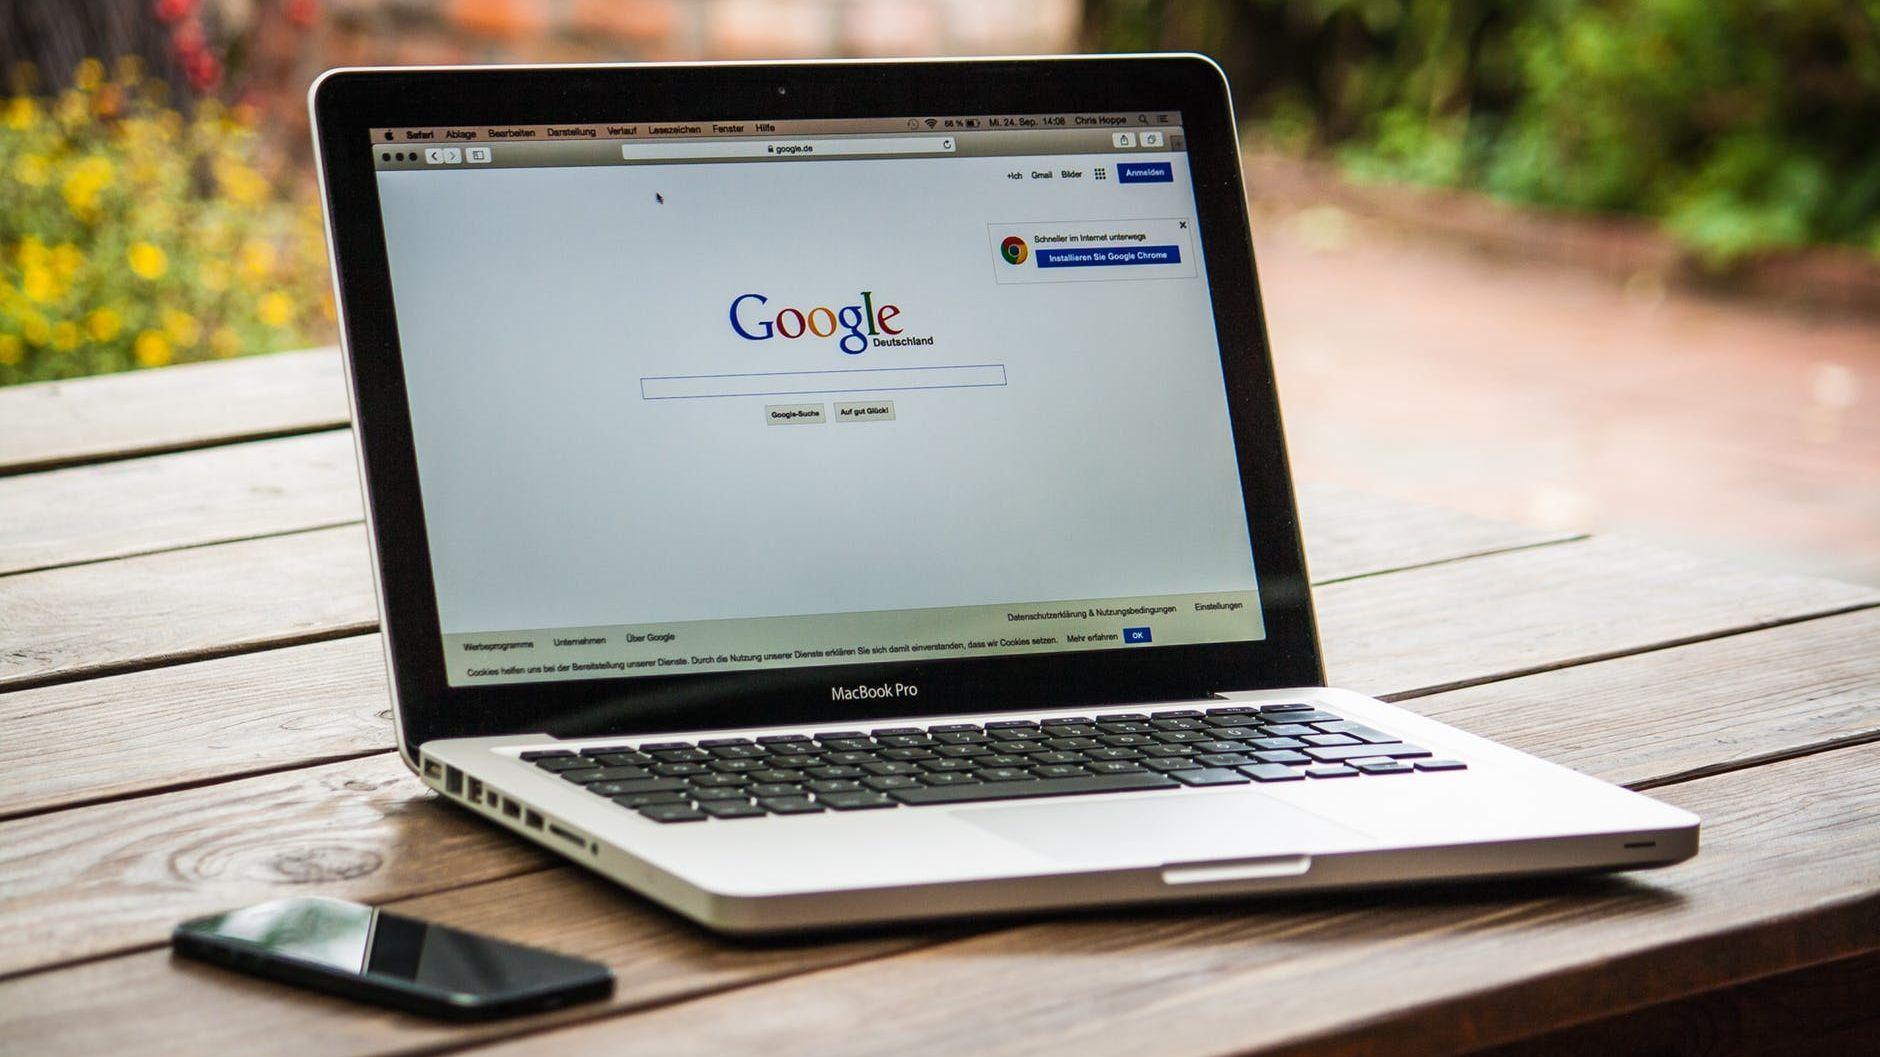 Google skriver i et sikkerhetsinnlegg at du bør sørge for at Chrome er oppdatert på maskinen din.